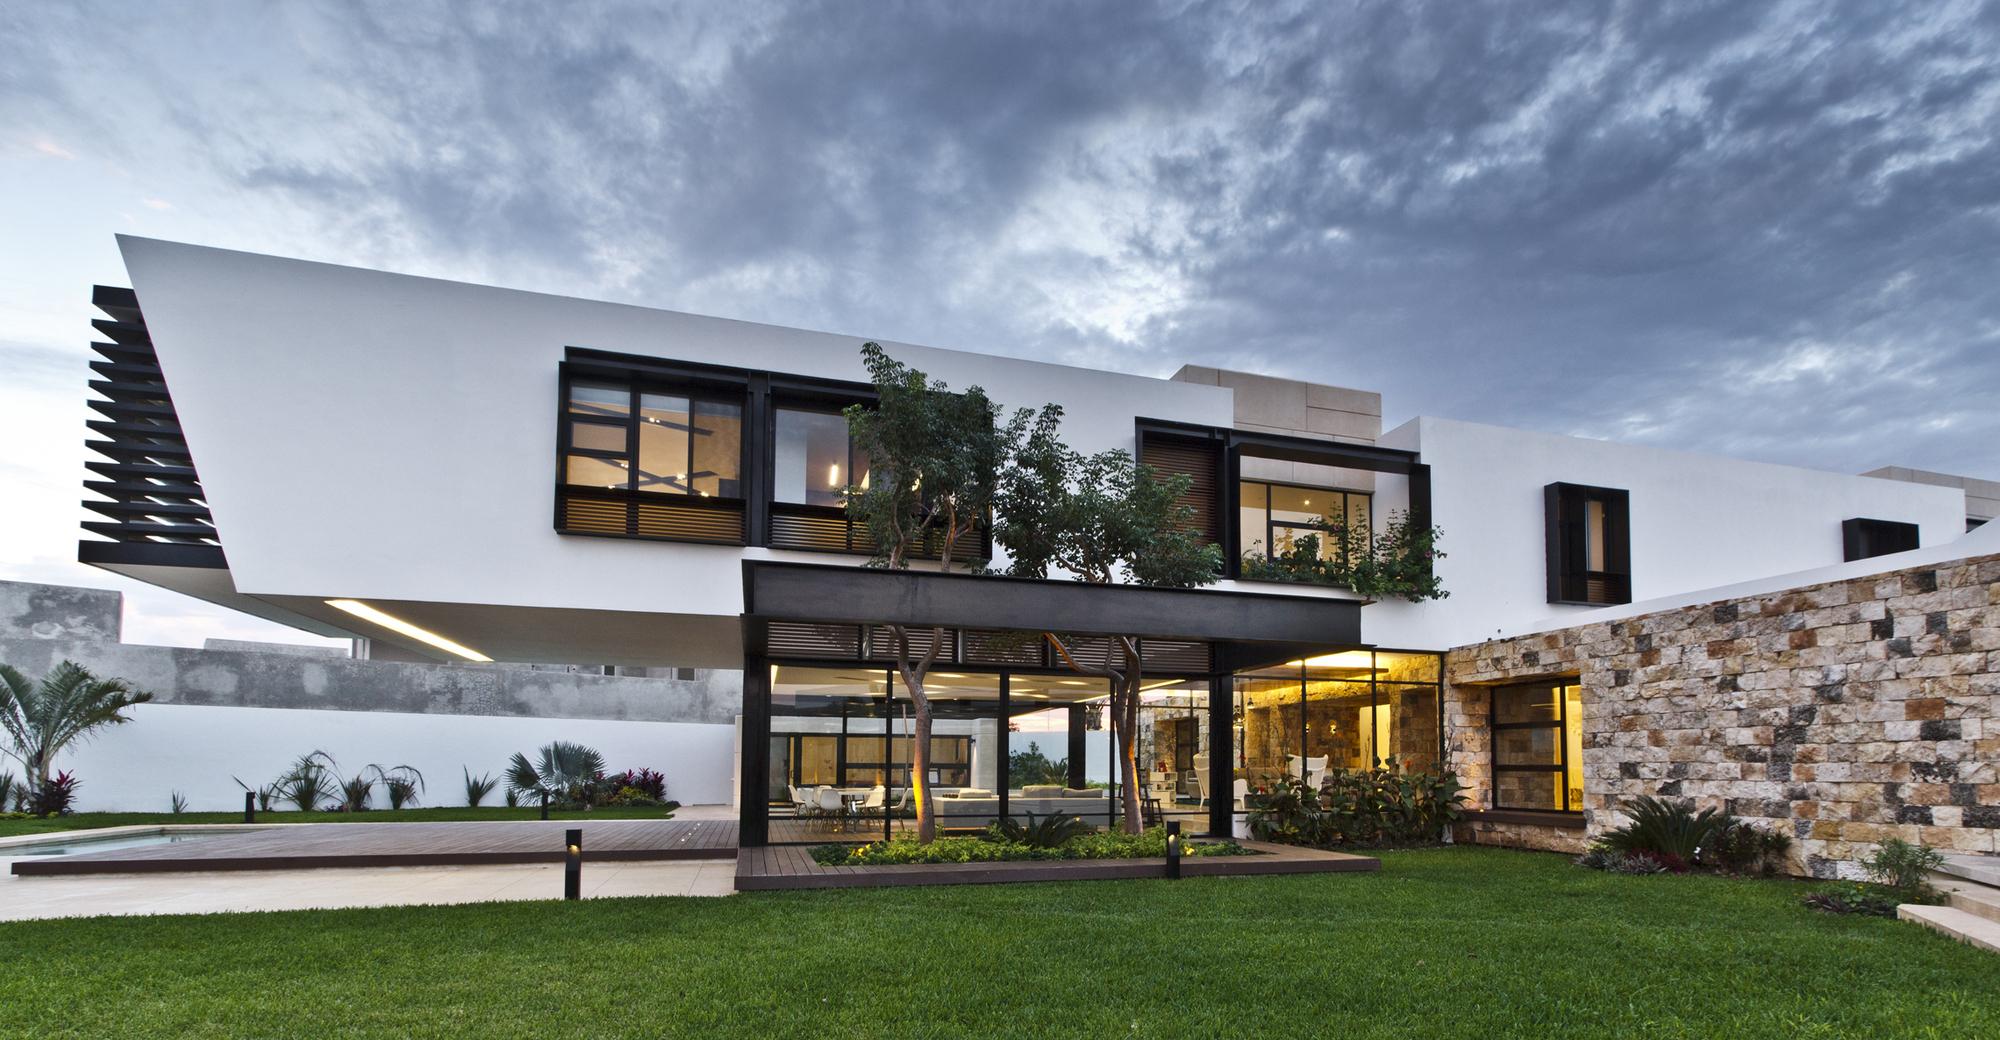 5305f3d8e8e44ed91b000004_temozon-house-carrillo-arquitectos-y-asociados_temozon_foto_06